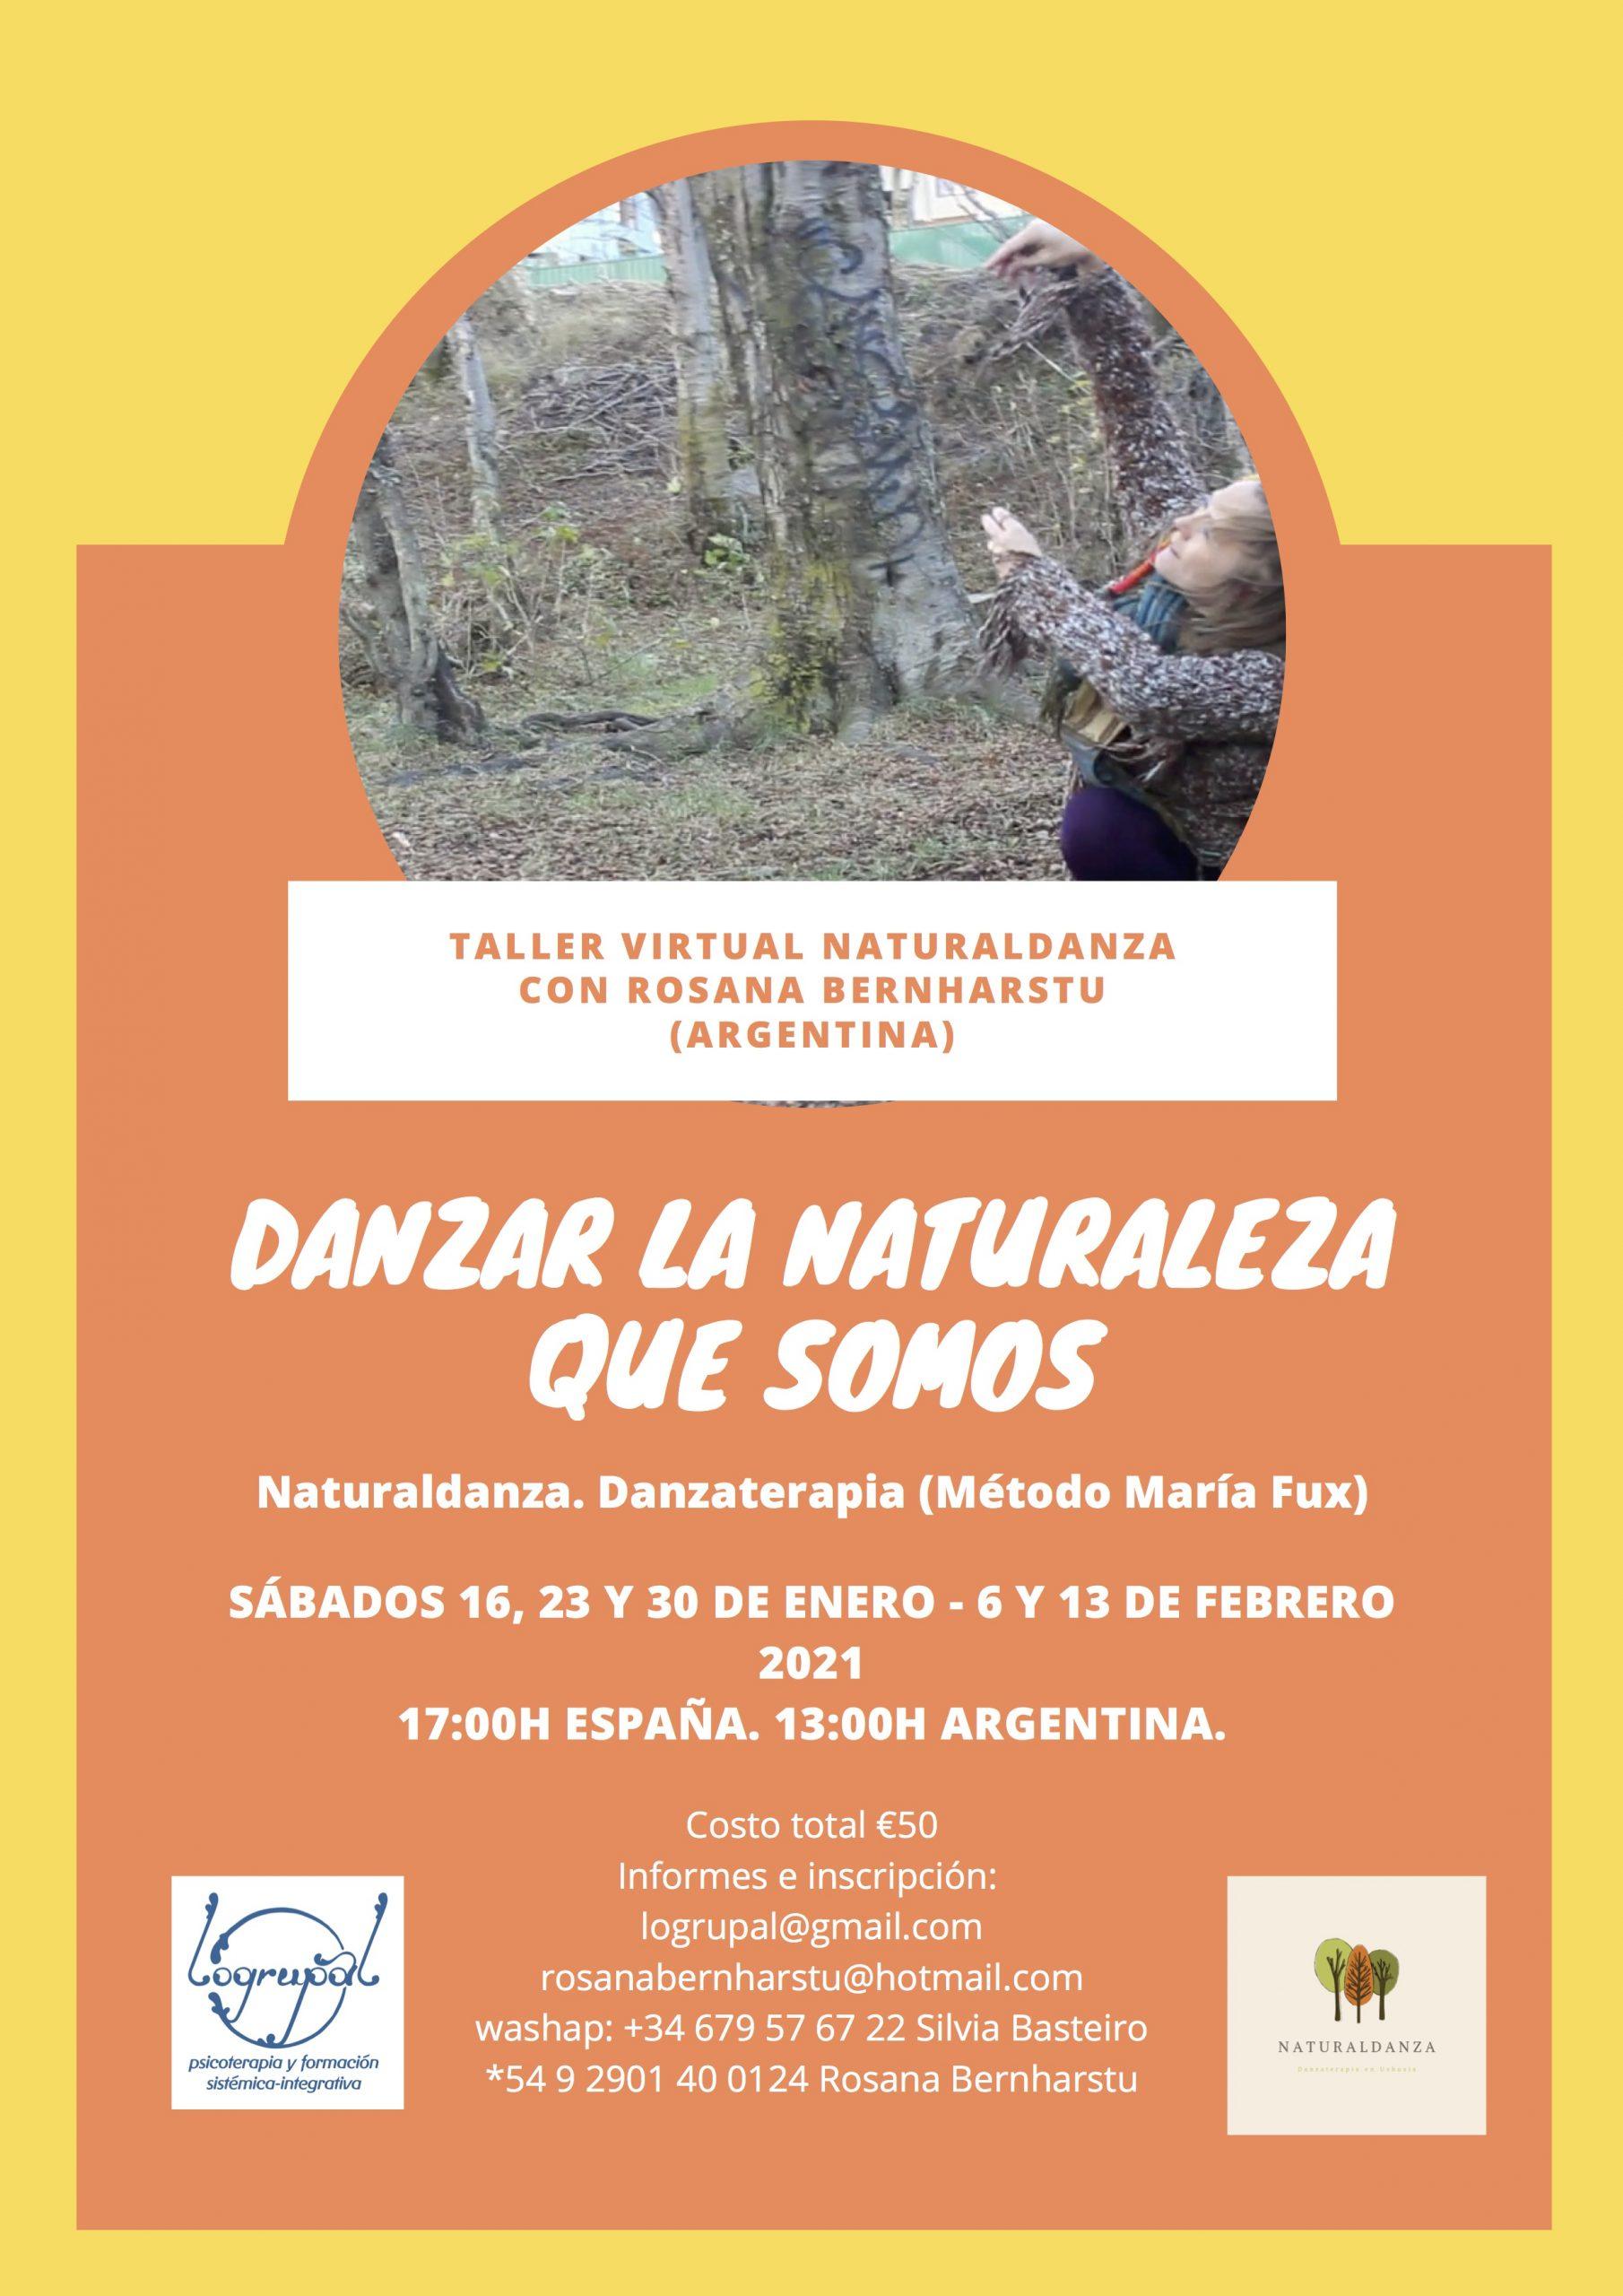 NATURALDANZA    Danzar la naturaleza que somos             Danzaterapia (método María Fux)                 Taller Online  con Rosana Bernharstu (desde Argentina)